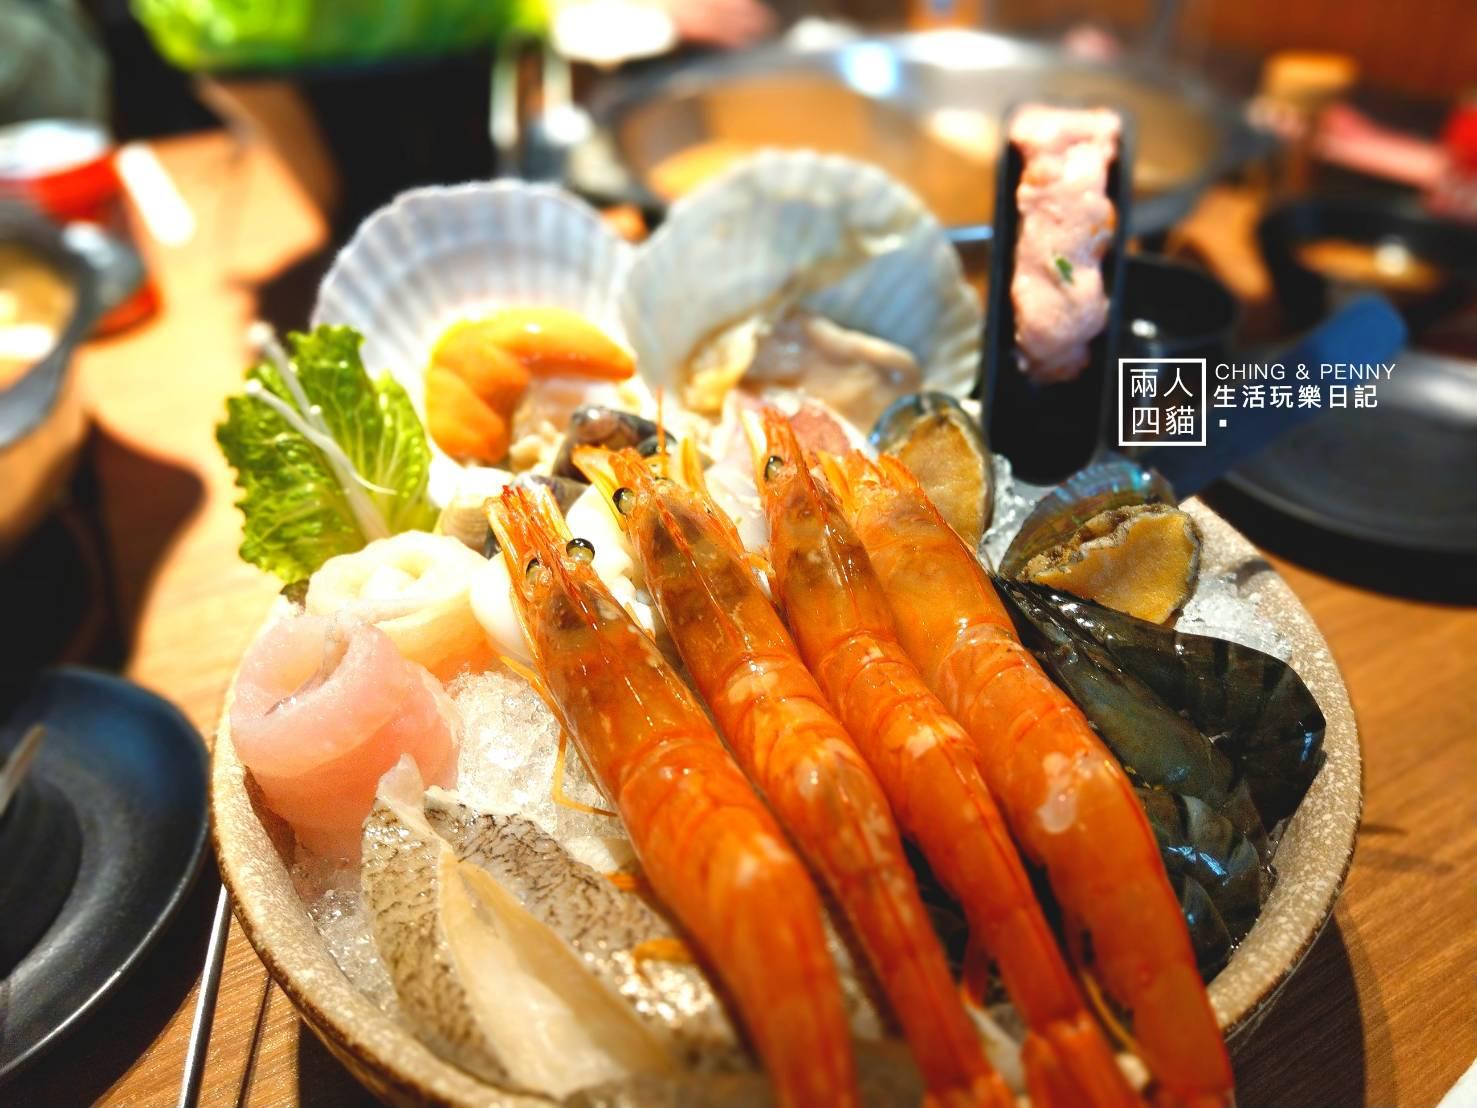 【大安 美食】小當家海鮮鍋物 超豐富海鮮盤(天使紅蝦.干貝.蛤蜊) 平日午餐一人不到500!